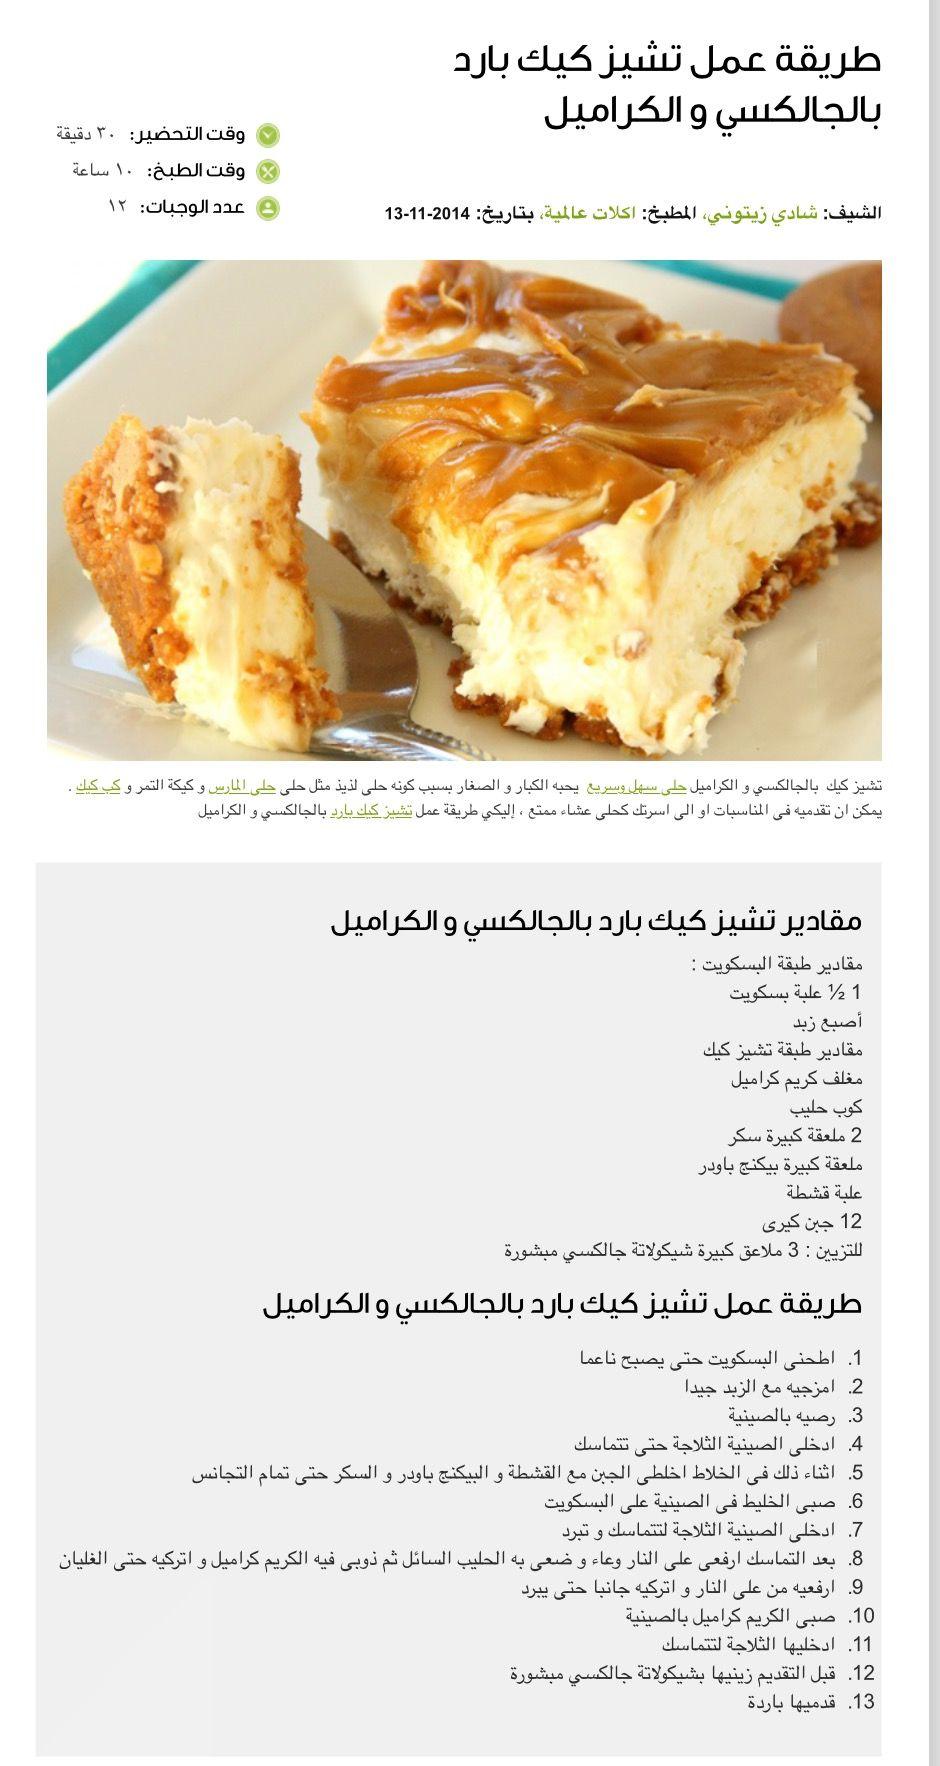 Pin By Anhar Al Saif On Dessert Yummy Food Dessert Dessert Recipes Cooking Recipes Desserts